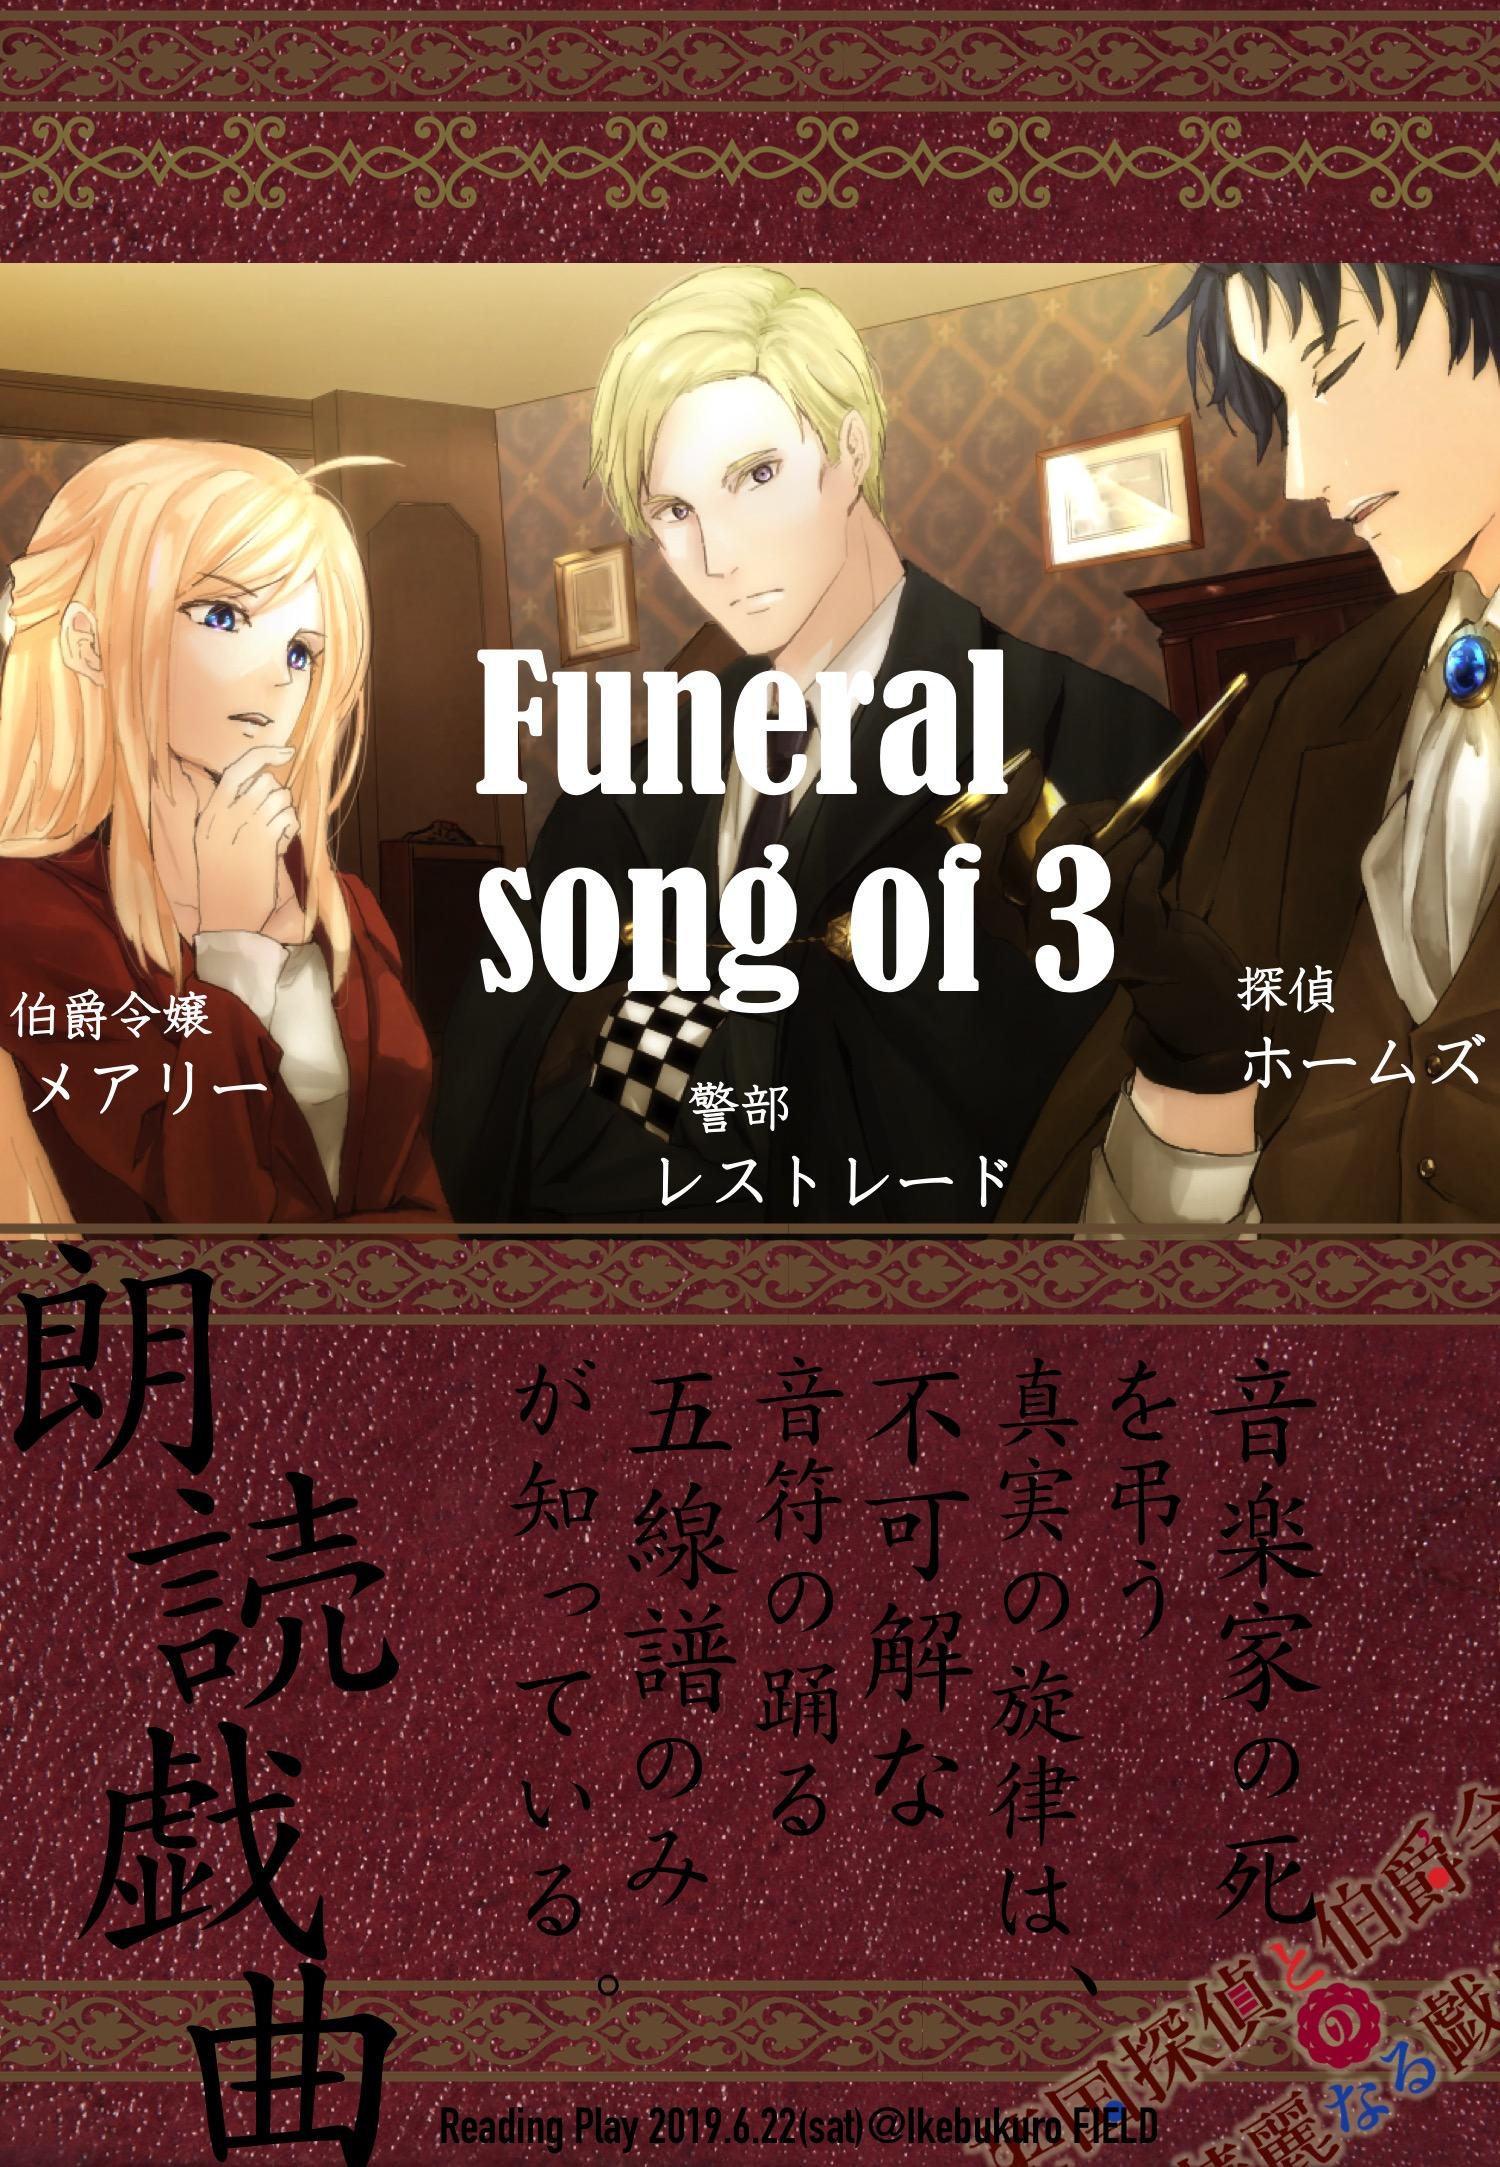 朗読戯曲「Funeral song of 3」